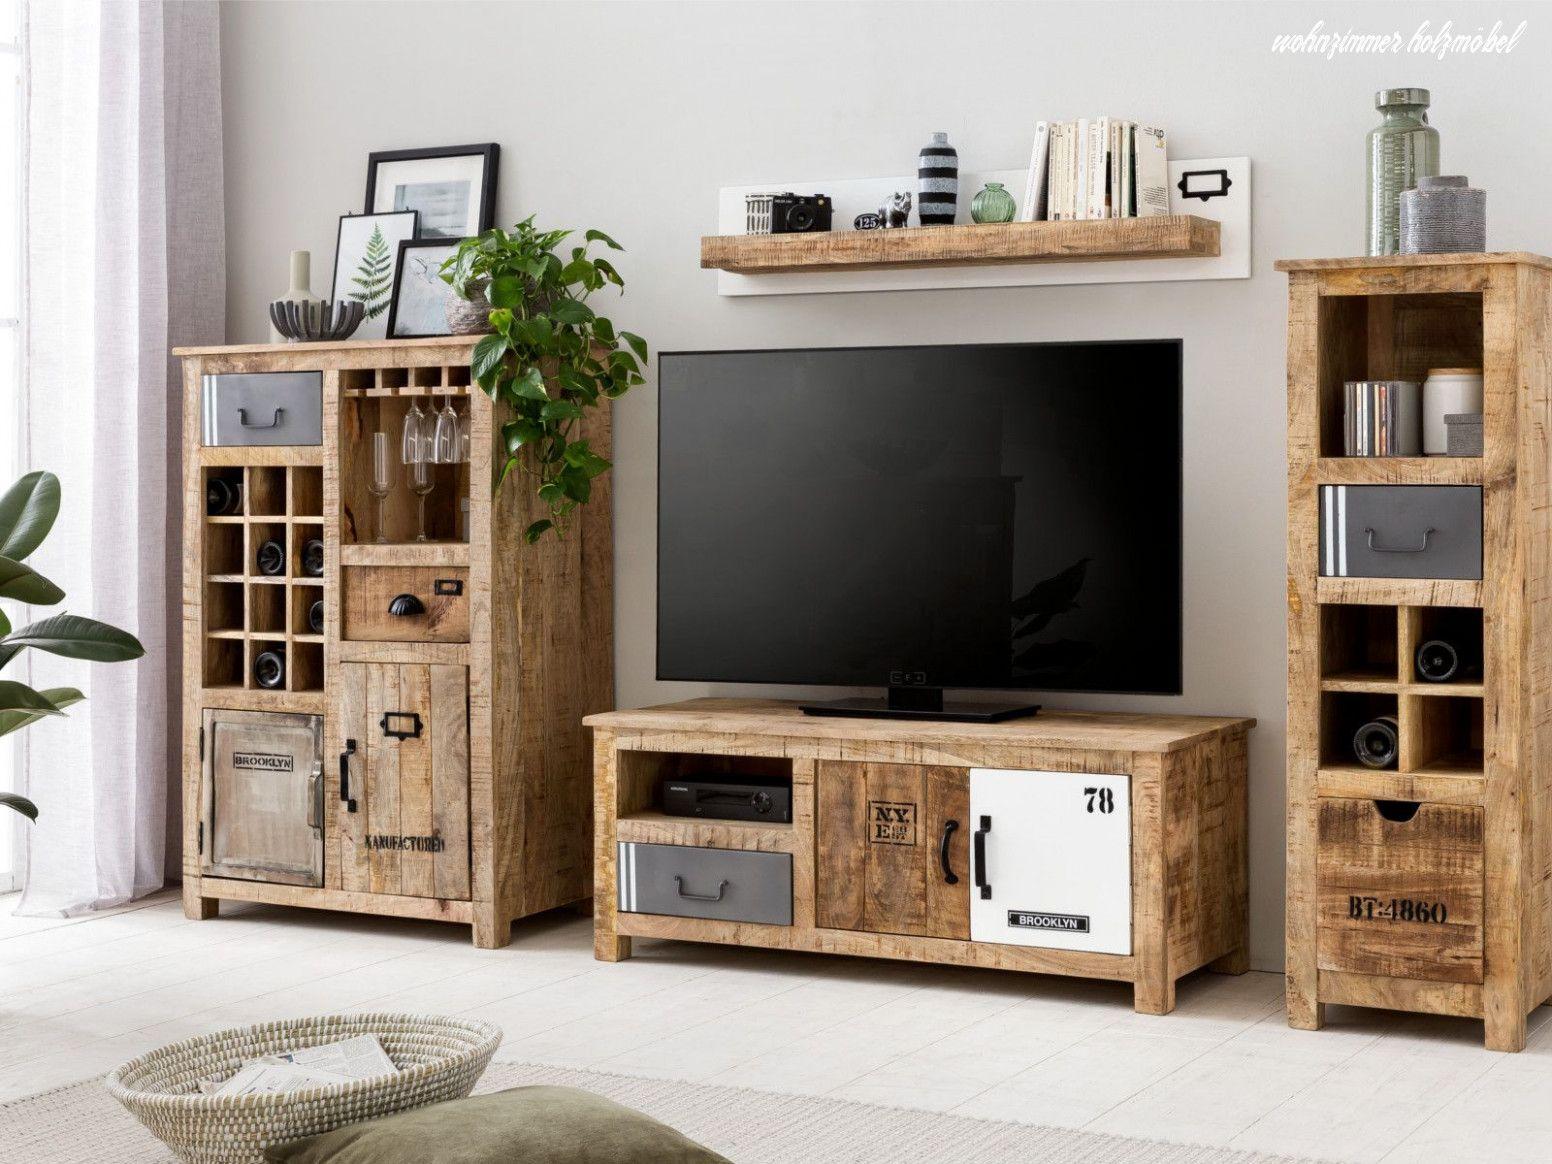 Unterschatzen Sie Niemals Den Einfluss Von Wohnzimmer Holzmobel In 2020 Einrichtungsideen Wohnzimmer Rustikal Holz Wohnzimmer Wohnwand